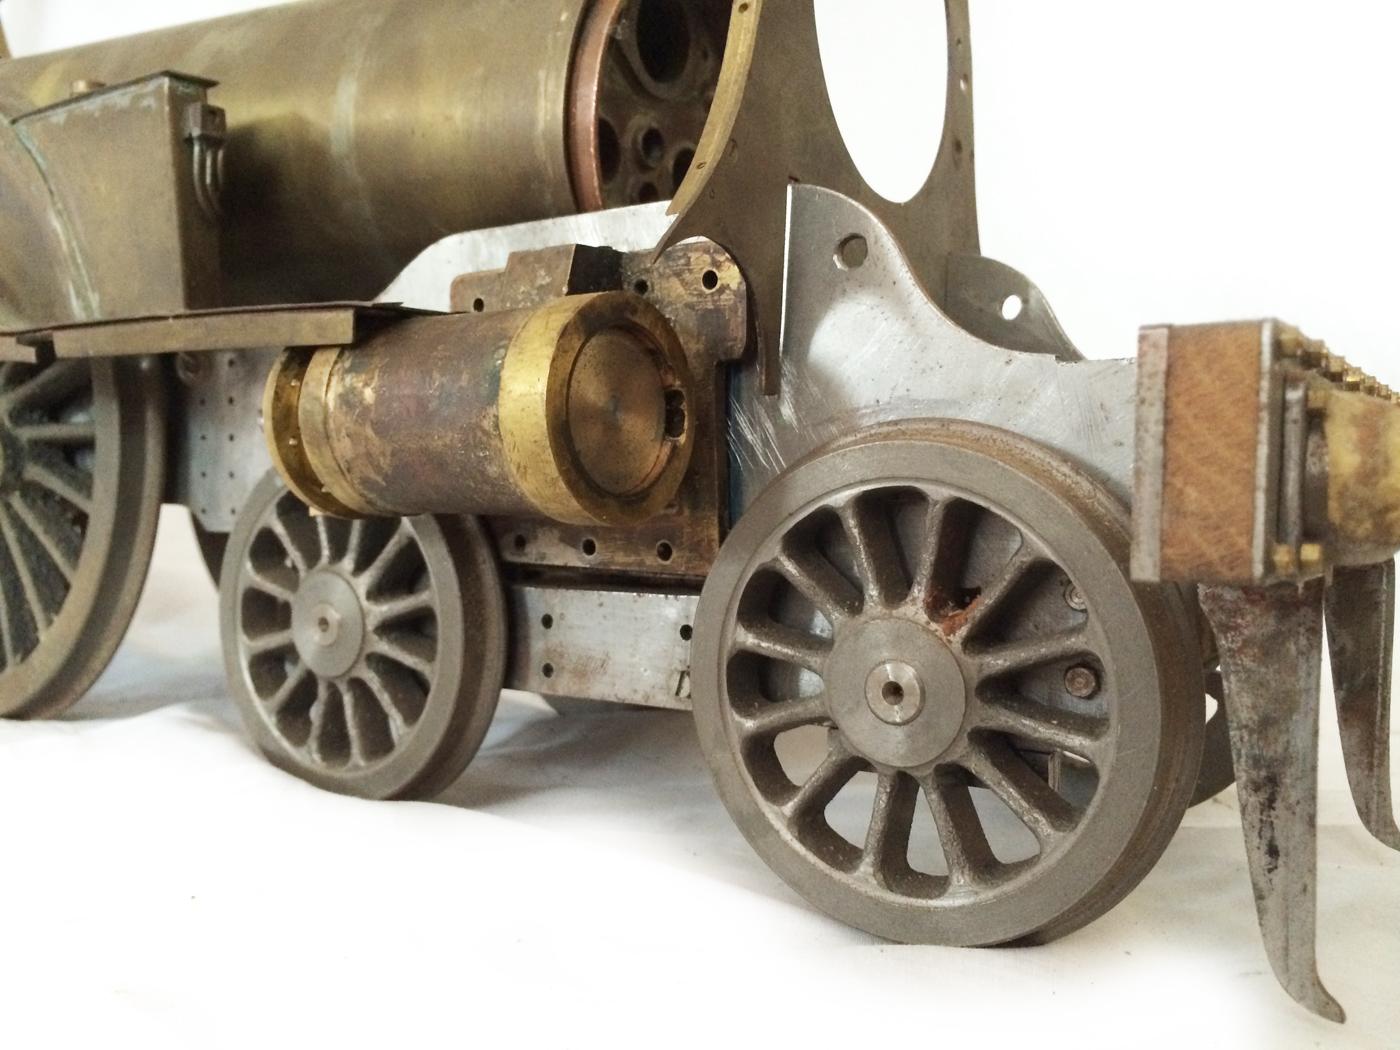 test 3 12 inch gauge stirling single live steam locomotive for sale 15